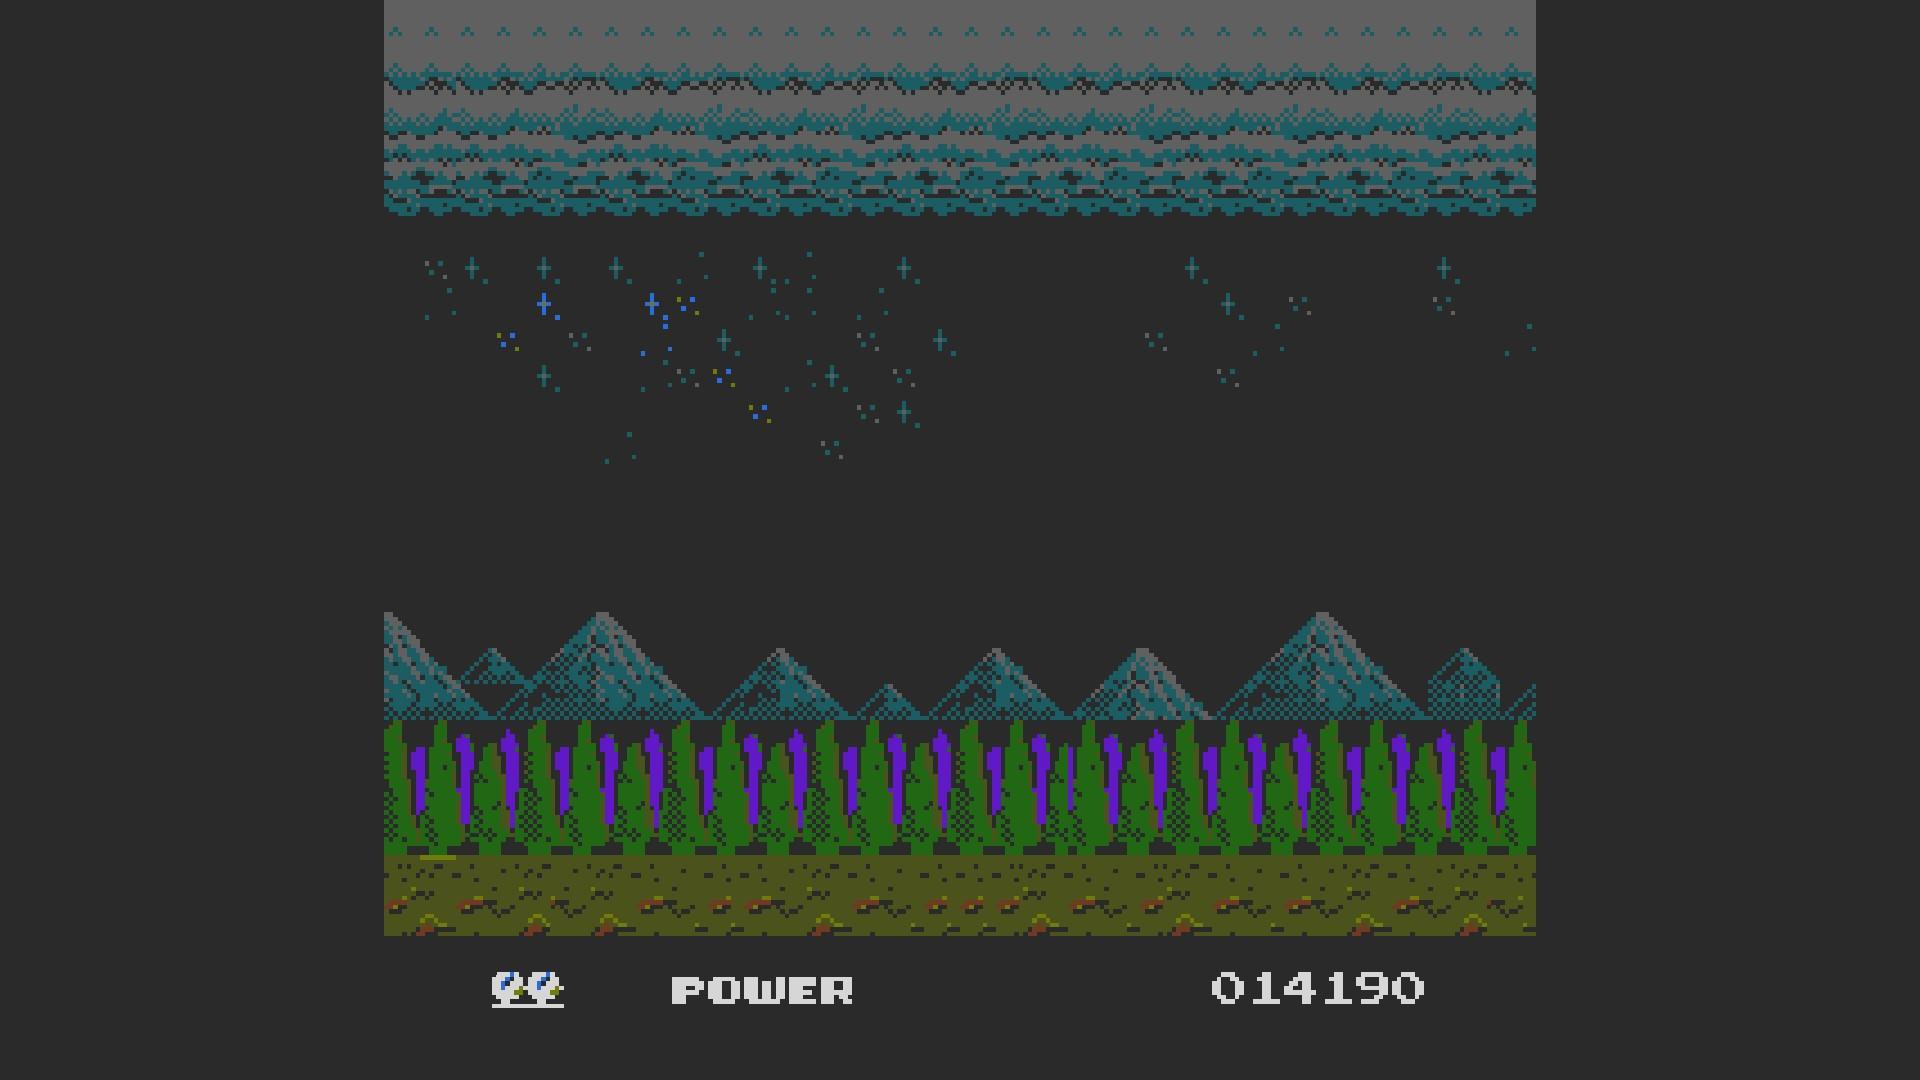 AkinNahtanoj: Metal Fighter (NES/Famicom Emulated) 14,190 points on 2020-10-25 08:57:30